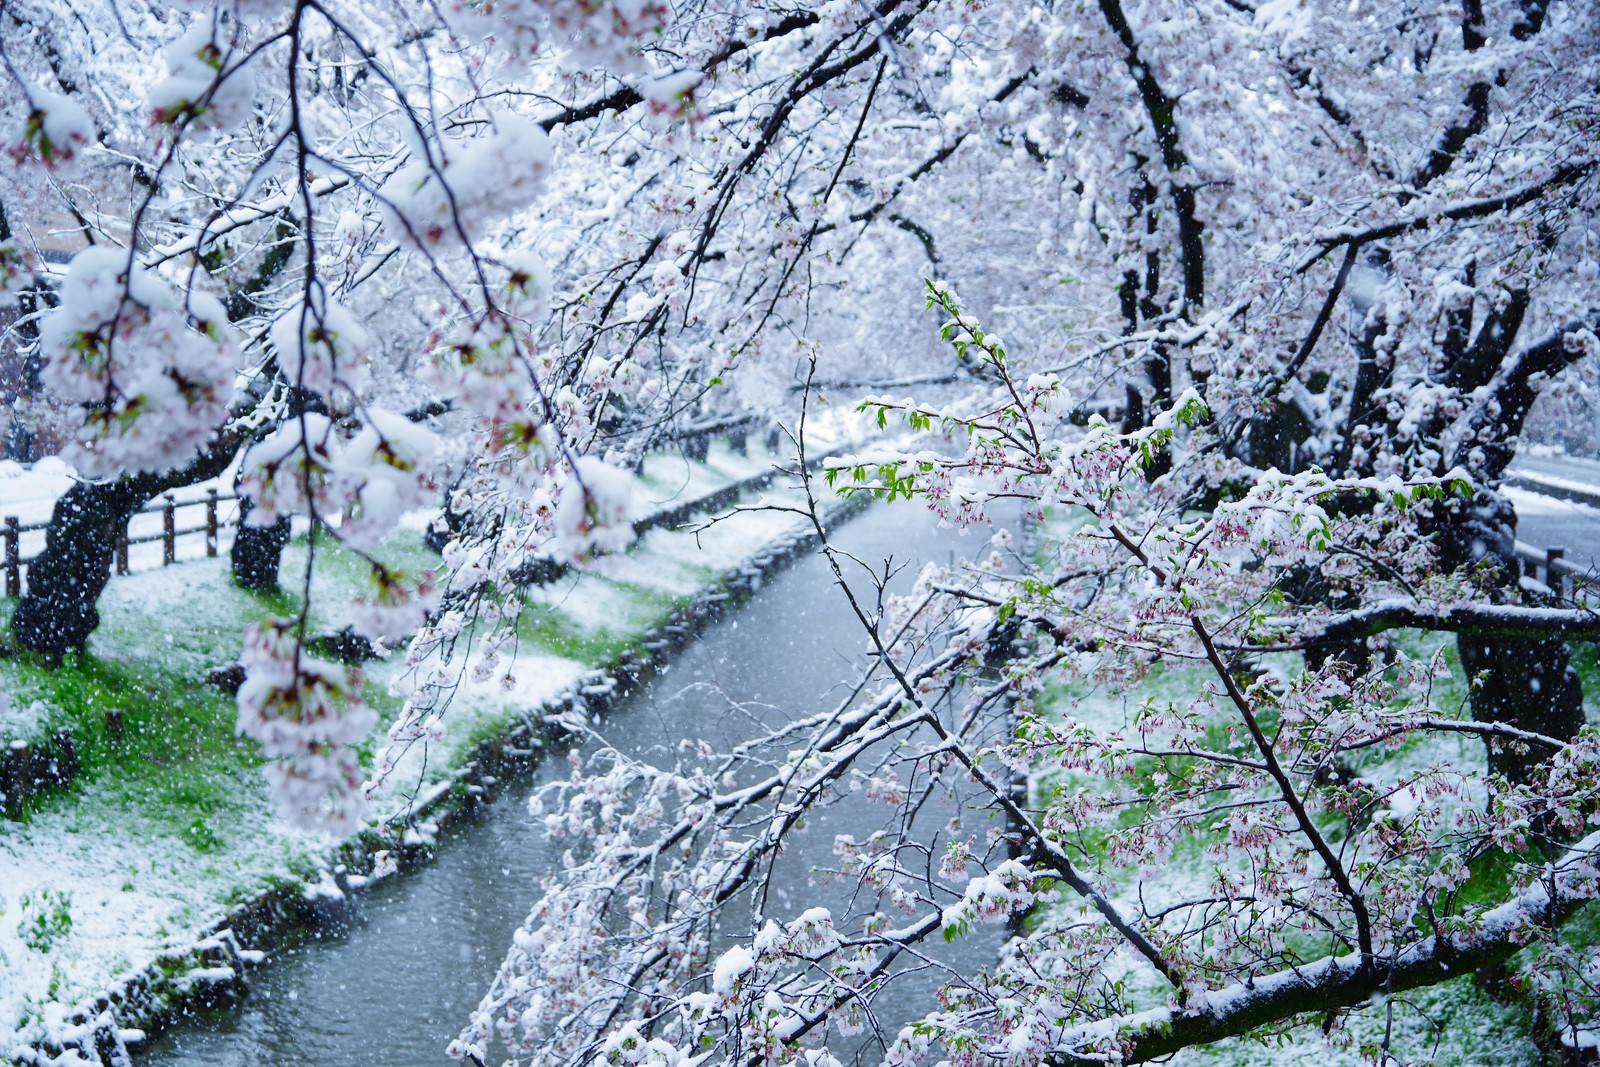 「開花する桜と積雪のコラボ」の写真